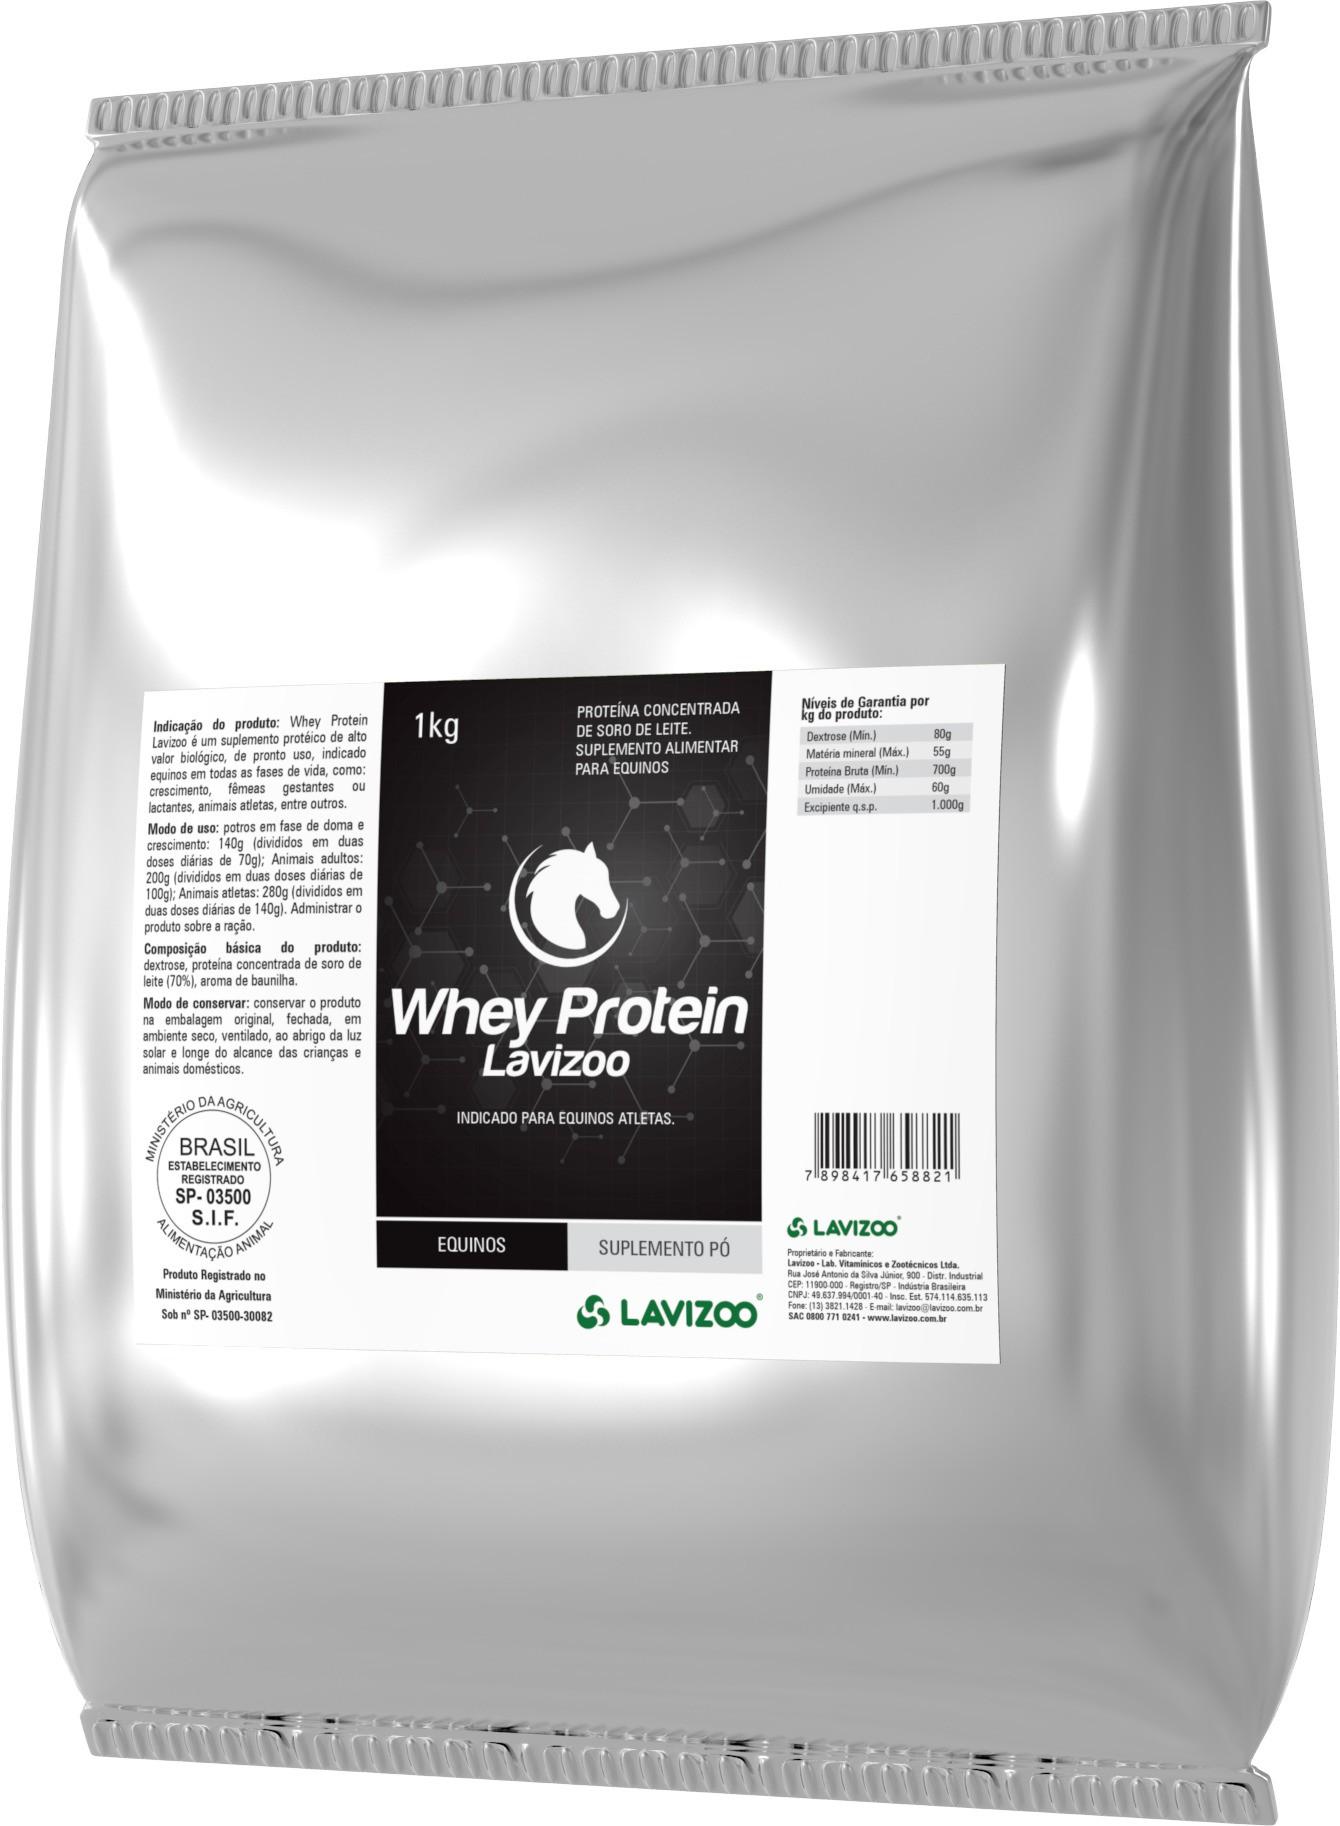 Whey Protein 1kg Lavizoo - Suplementação Equina